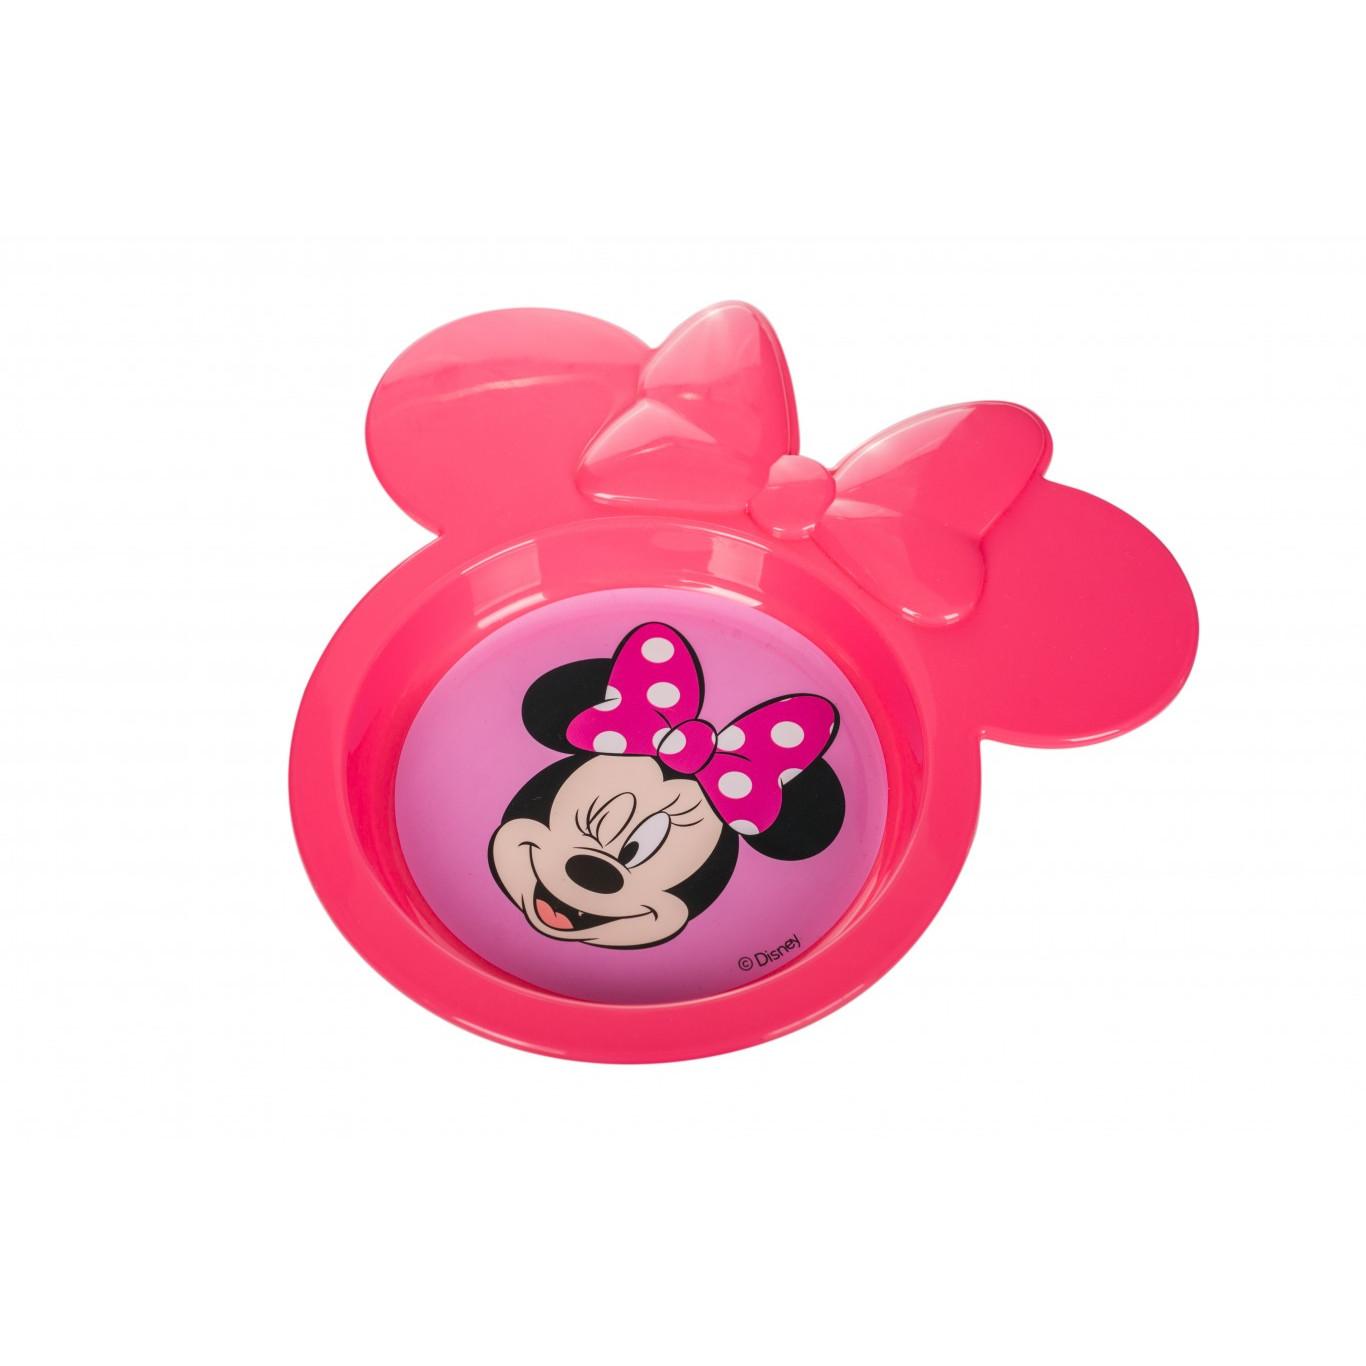 Bát Ăn Dặm Hình Mickey Dễ Thương Cho Bé